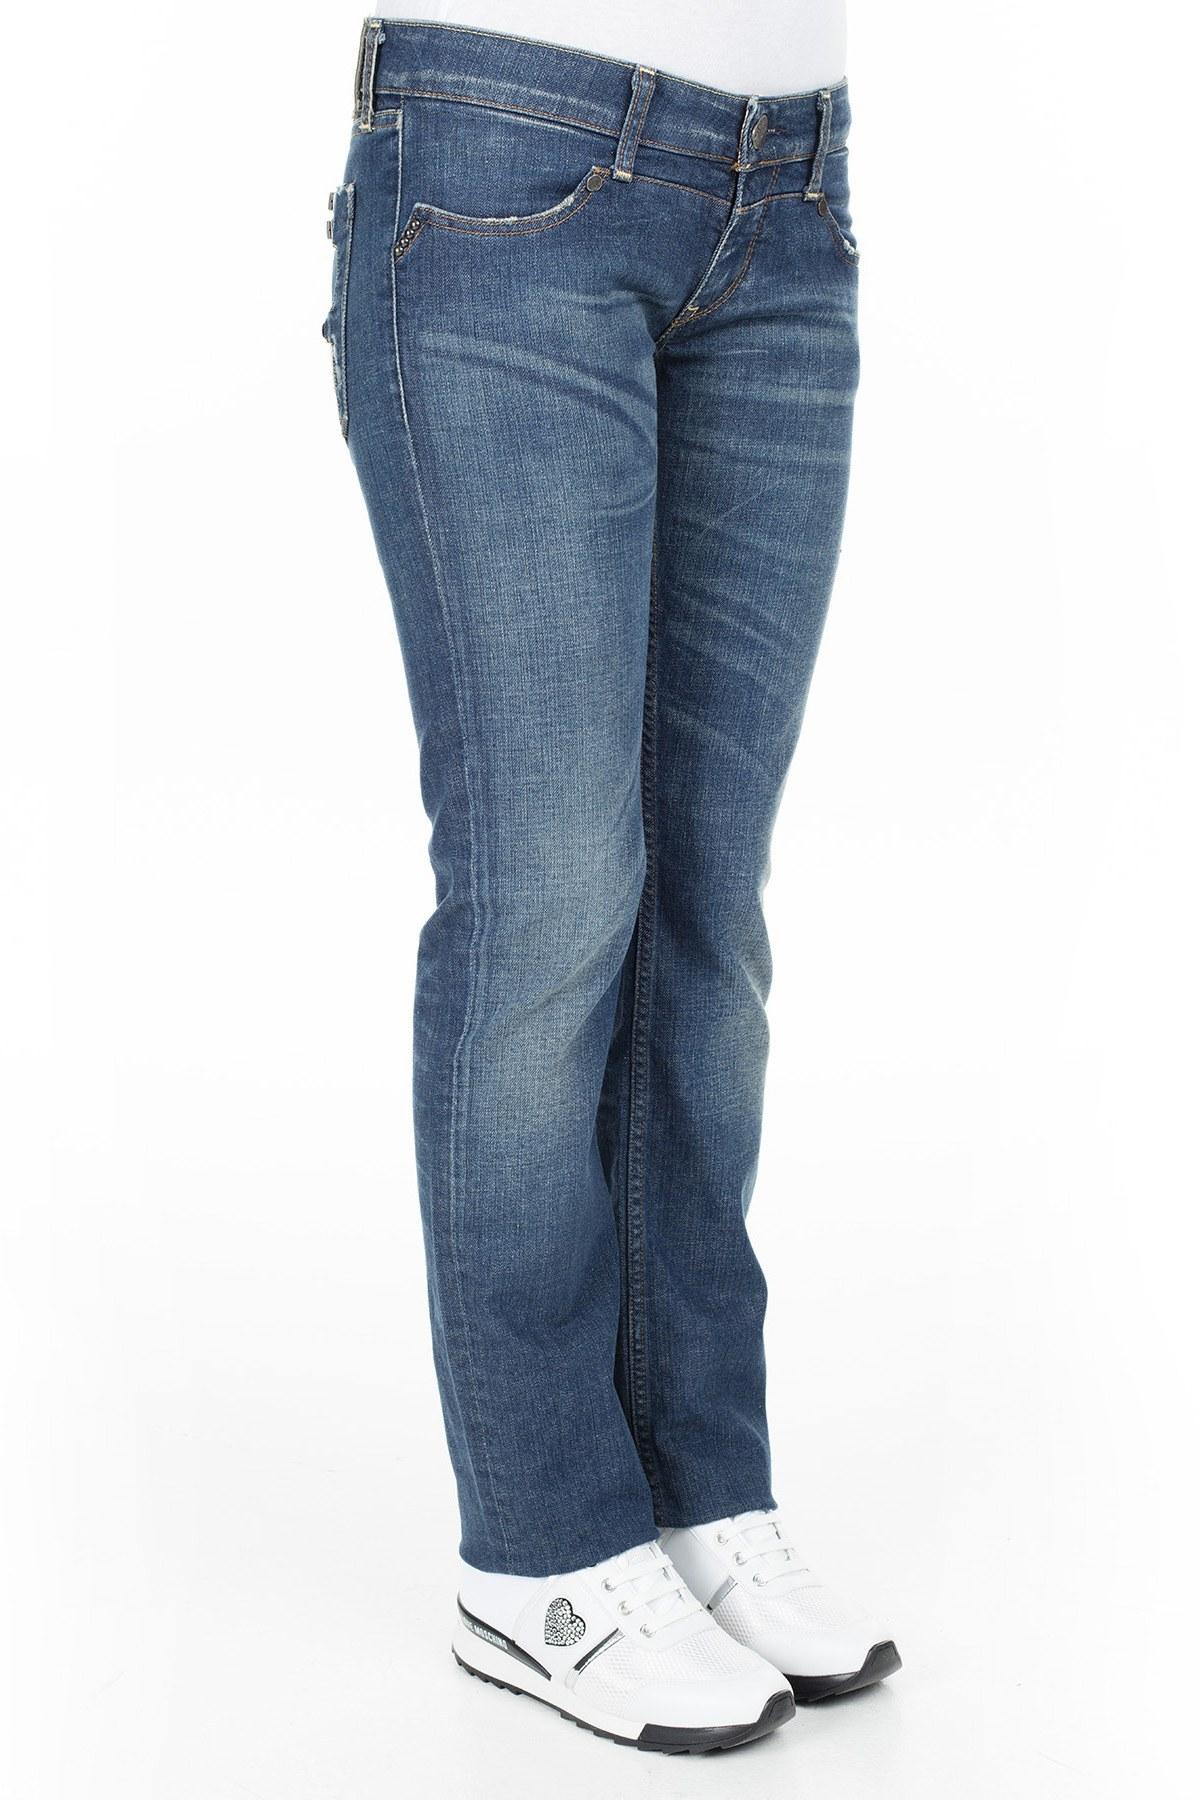 Replay Jeans Bayan Kot Pantolon ZOXVD1057 LACİVERT